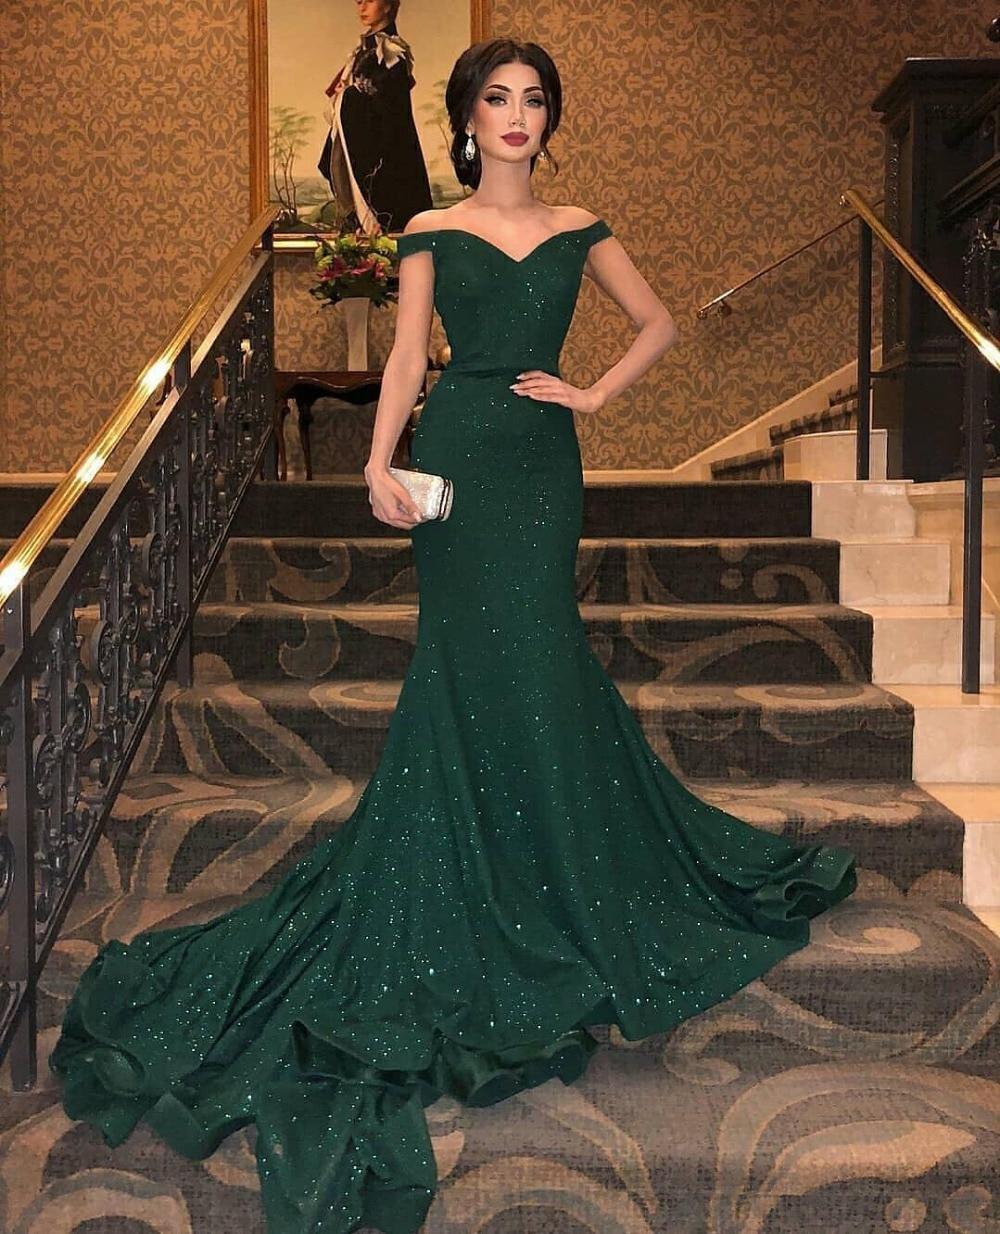 Vestidos De Fiesta verde oscuro vestido De noche largo 2019 fuera del hombro corte tren longitud del piso Vestidos De fiesta Formal